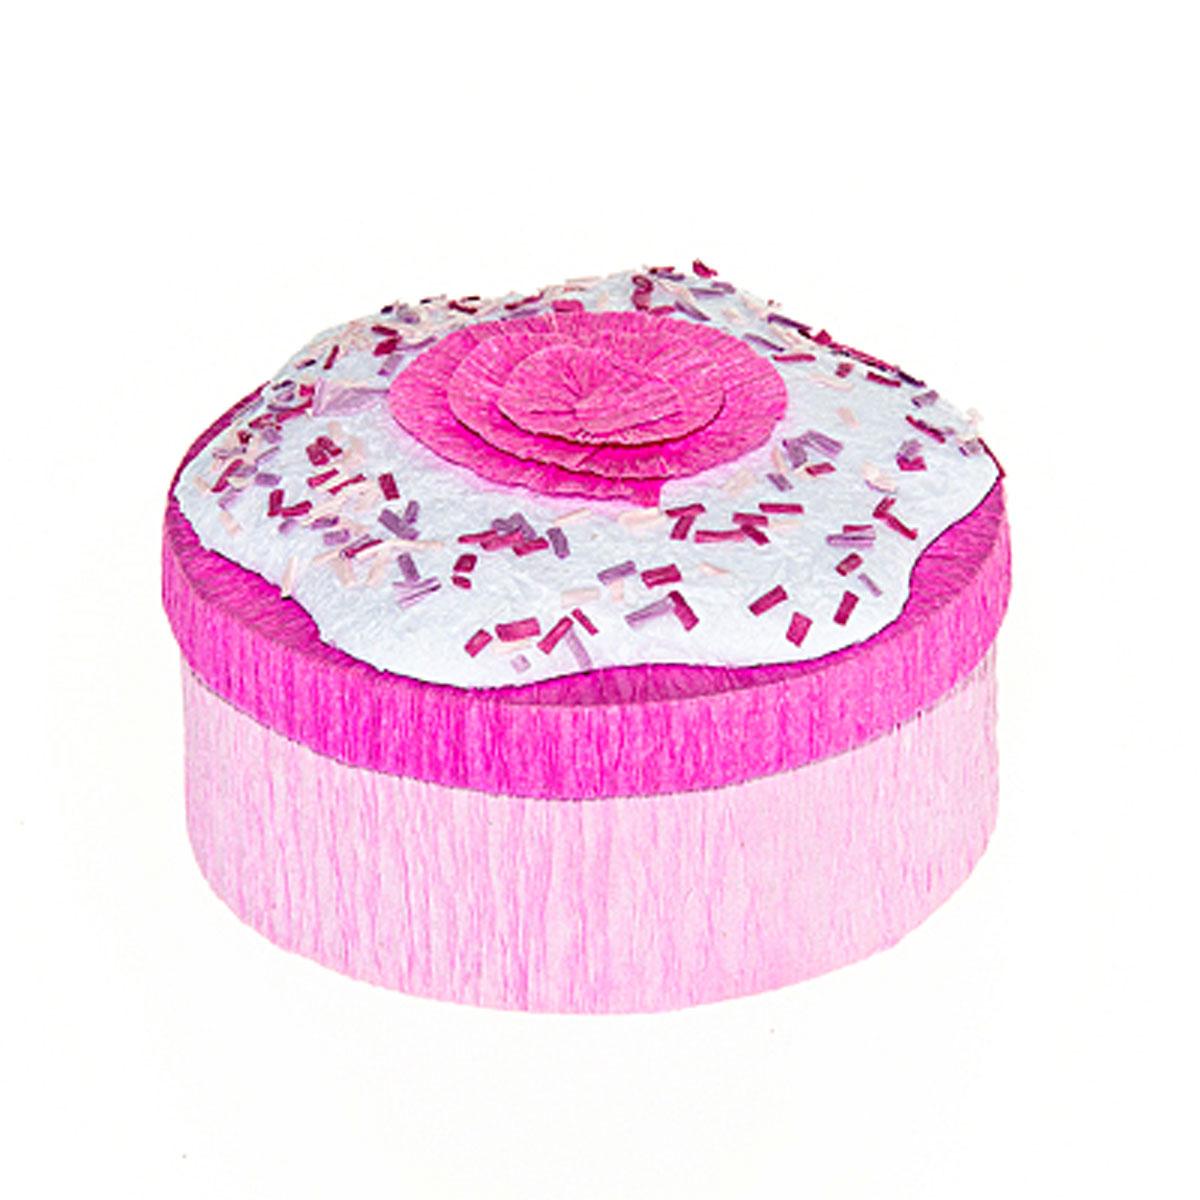 Шкатулка декоративная Home Queen Кулич, цвет: малиновый, 9 см х 4,5 см64310_2Круглая шкатулка Home Queen Кулич изготовлена из бумаги. Крышка изделия украшена красивой аппликацией в виде цветка. Изящная шкатулка прекрасно подойдет для упаковки пасхального подарка для детей и взрослых, а также красиво украсит интерьер комнаты. Размер: 9 см х 9 см х 4,5 см.